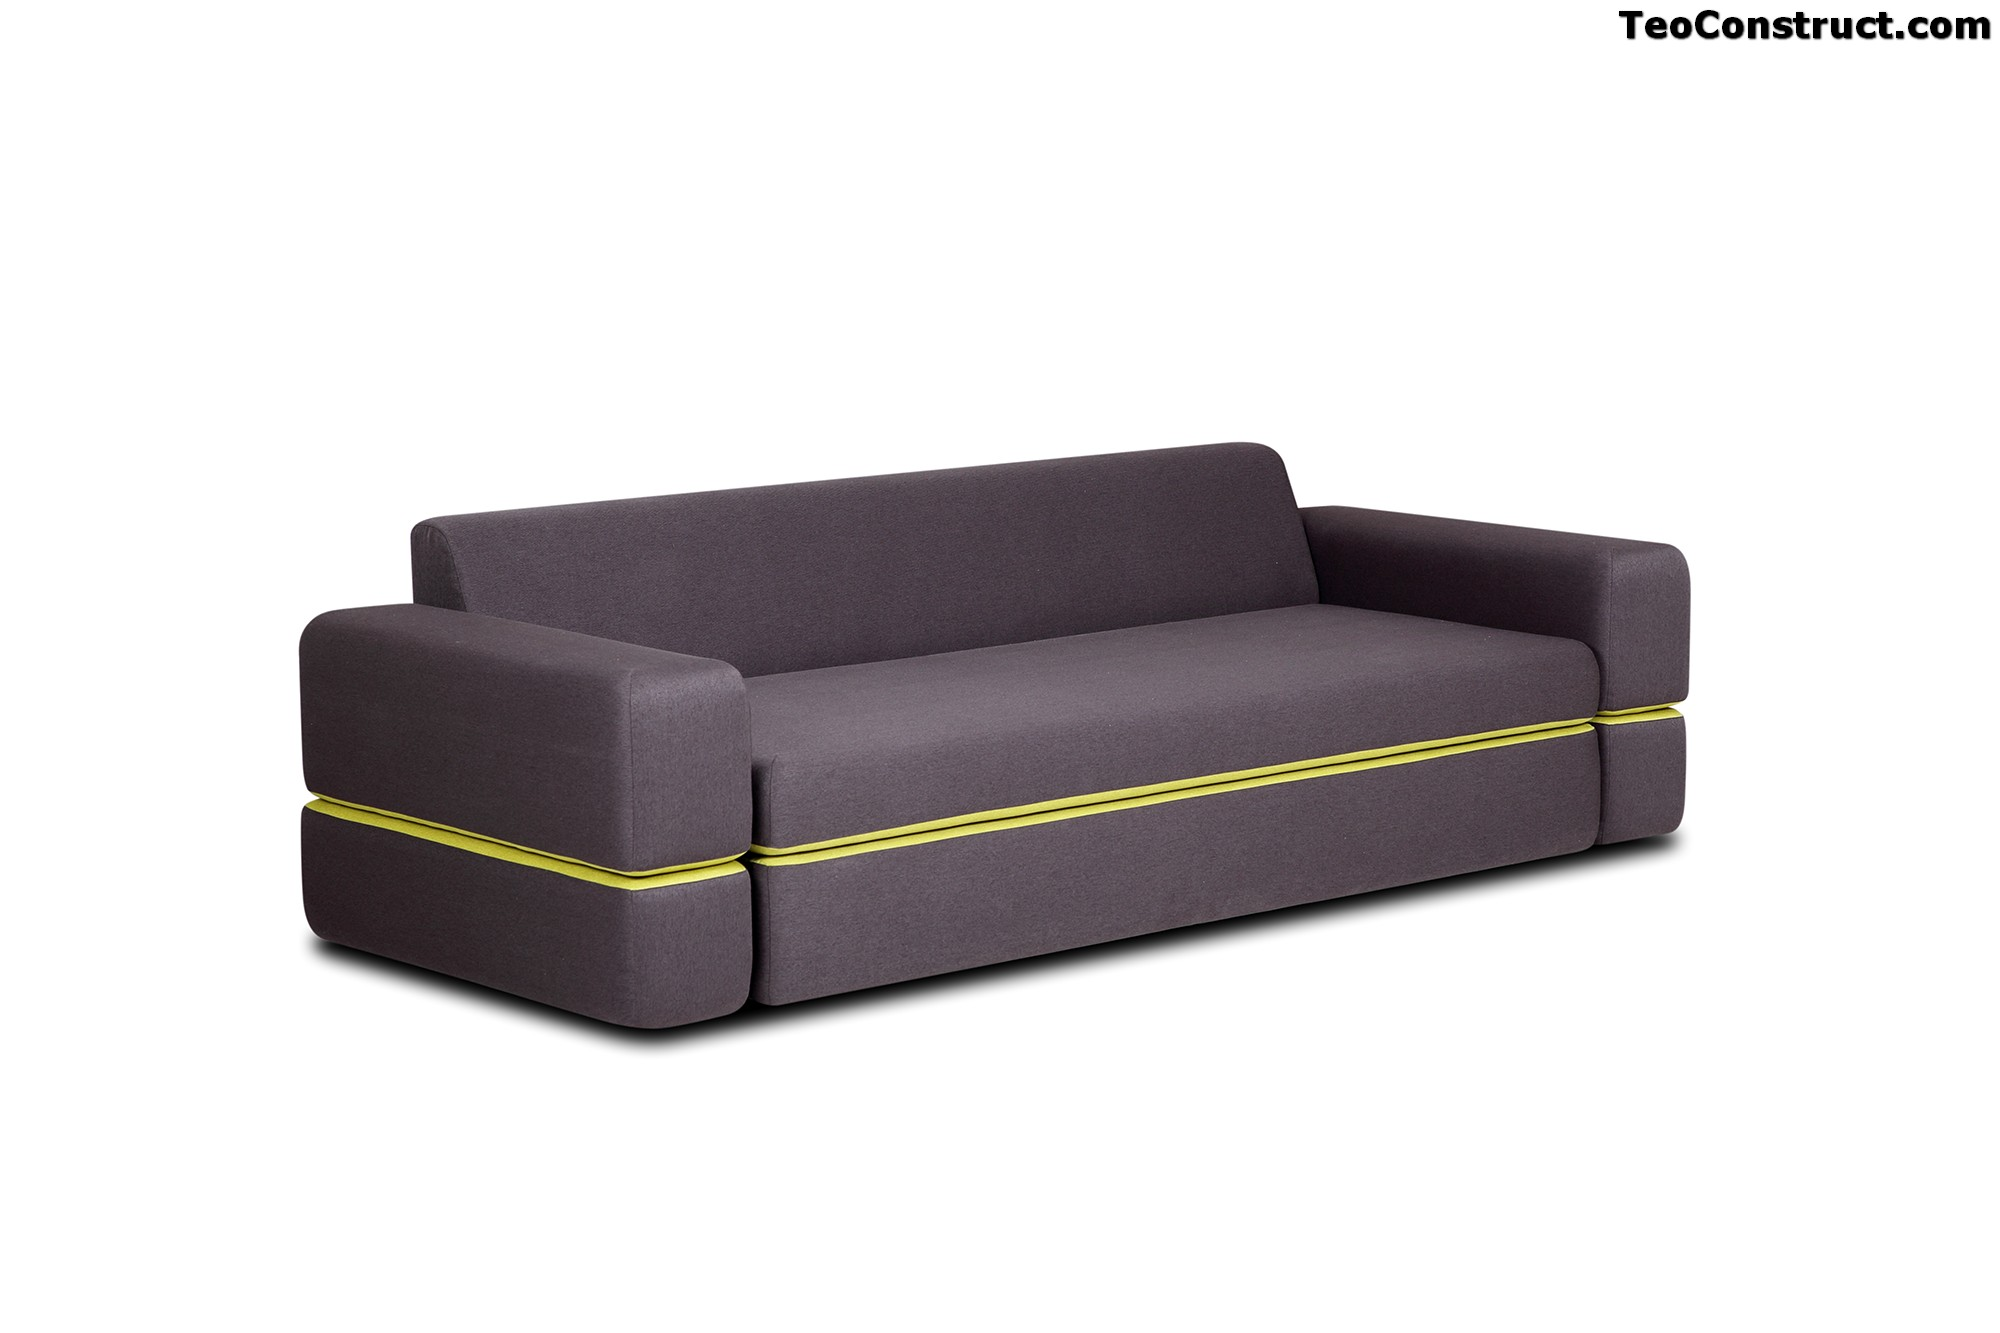 Canapea Open de calitate superioare05